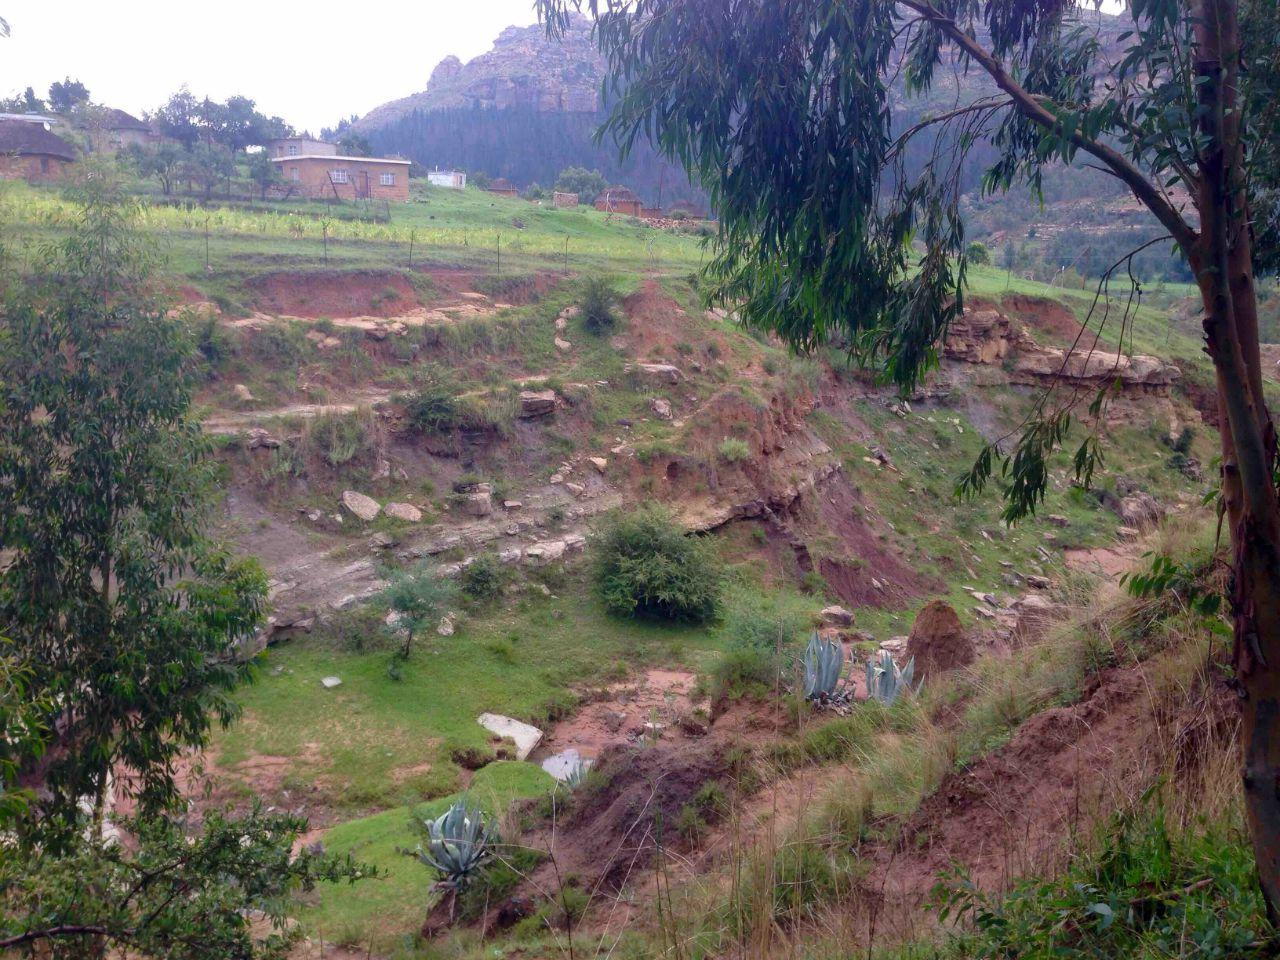 Makhobalo High School Latrine Project - Lesotho